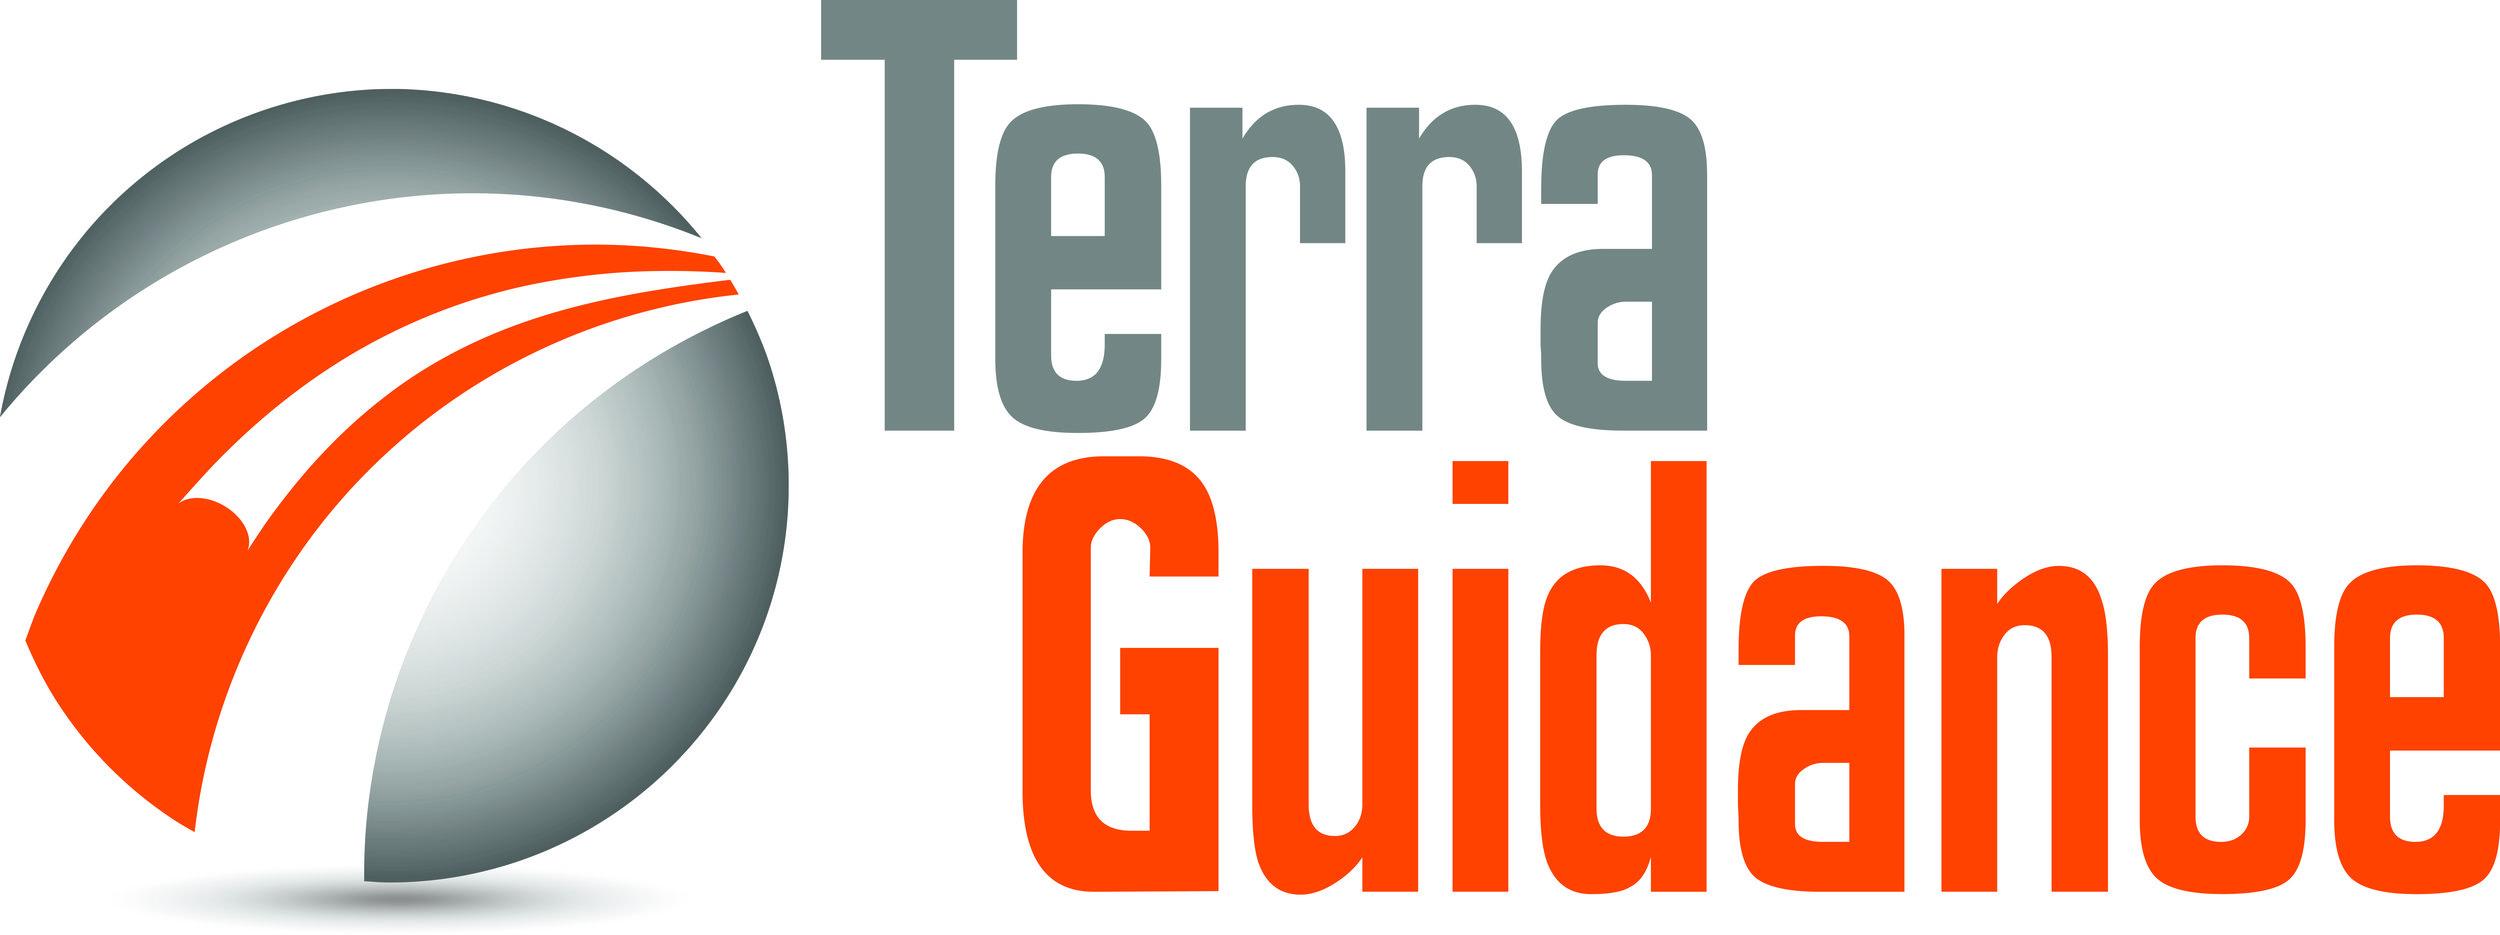 Terra Guidance logoLG.jpg